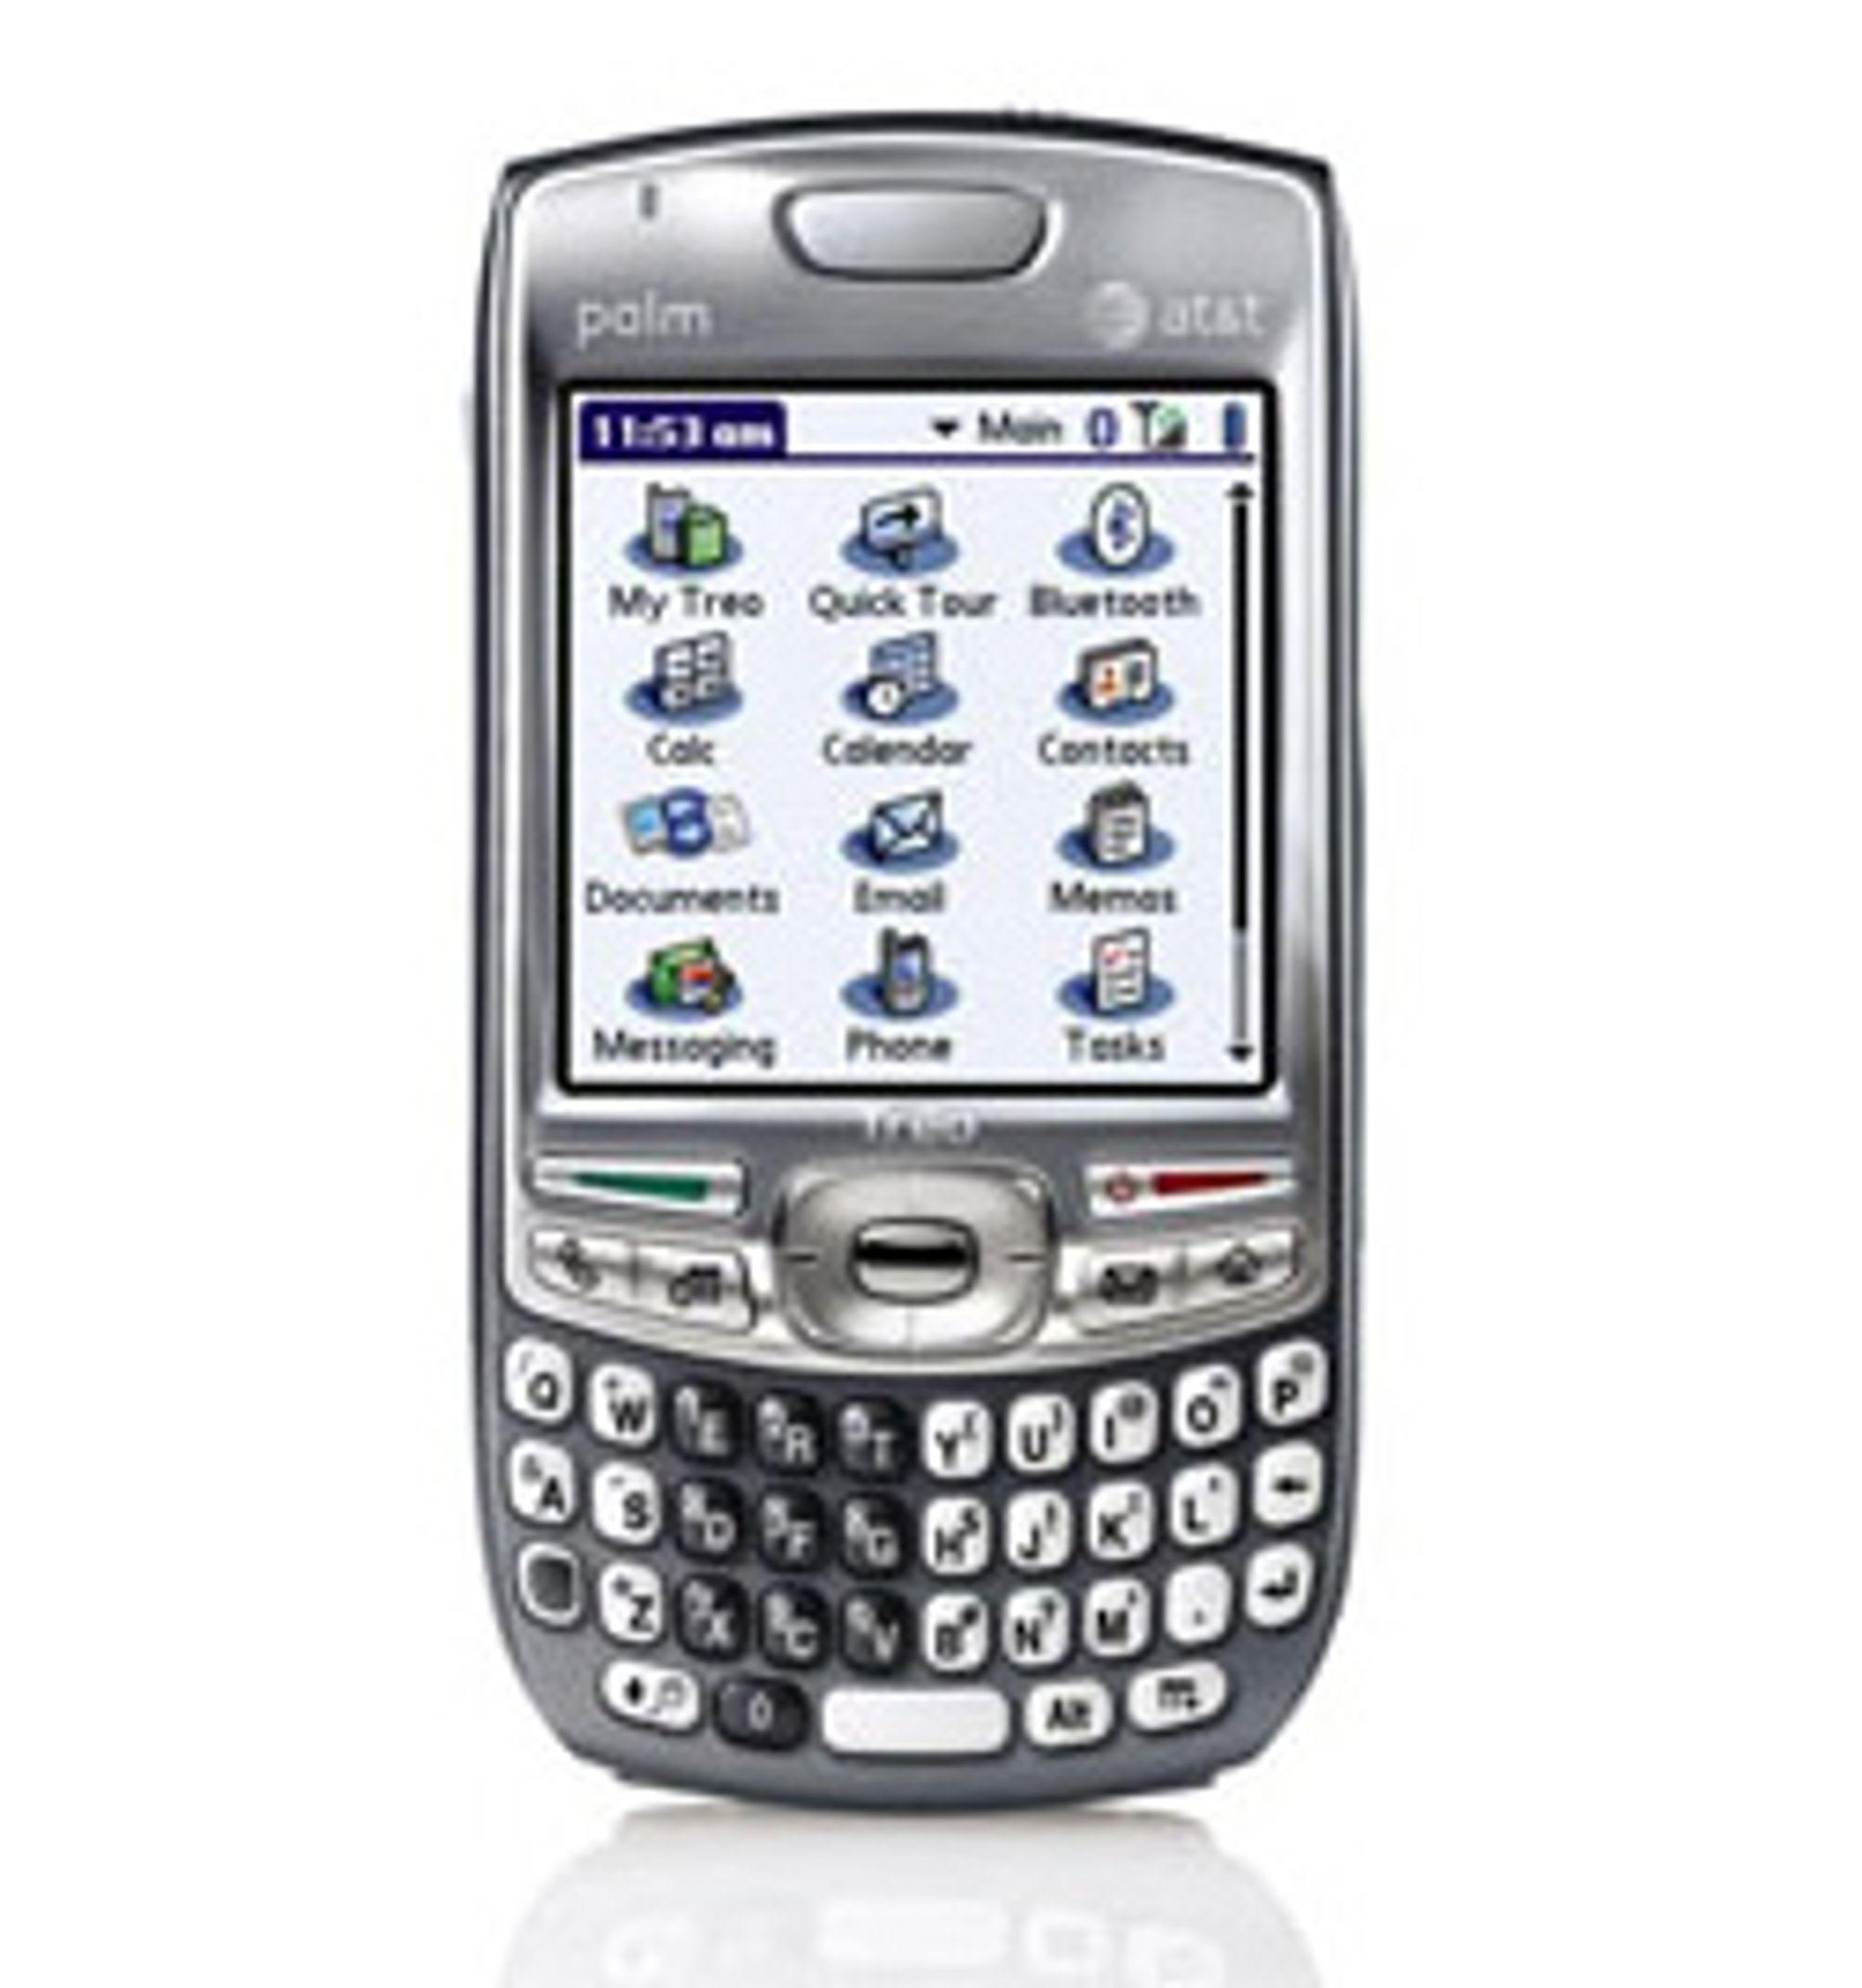 Blir Palms Treo 860 den siste avanserte modellen med Palm OS? (Foto: Palm)